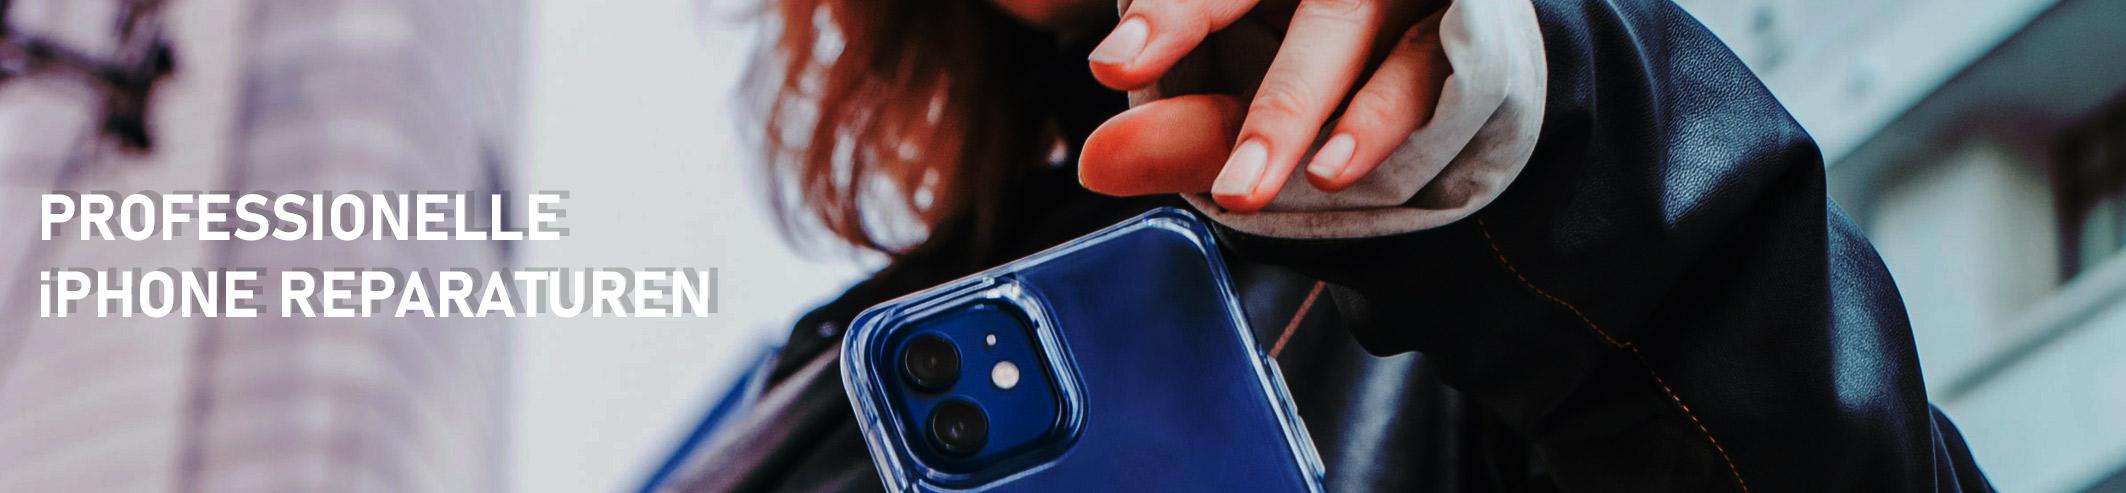 Iphone Reparatur Telnet Muenchen